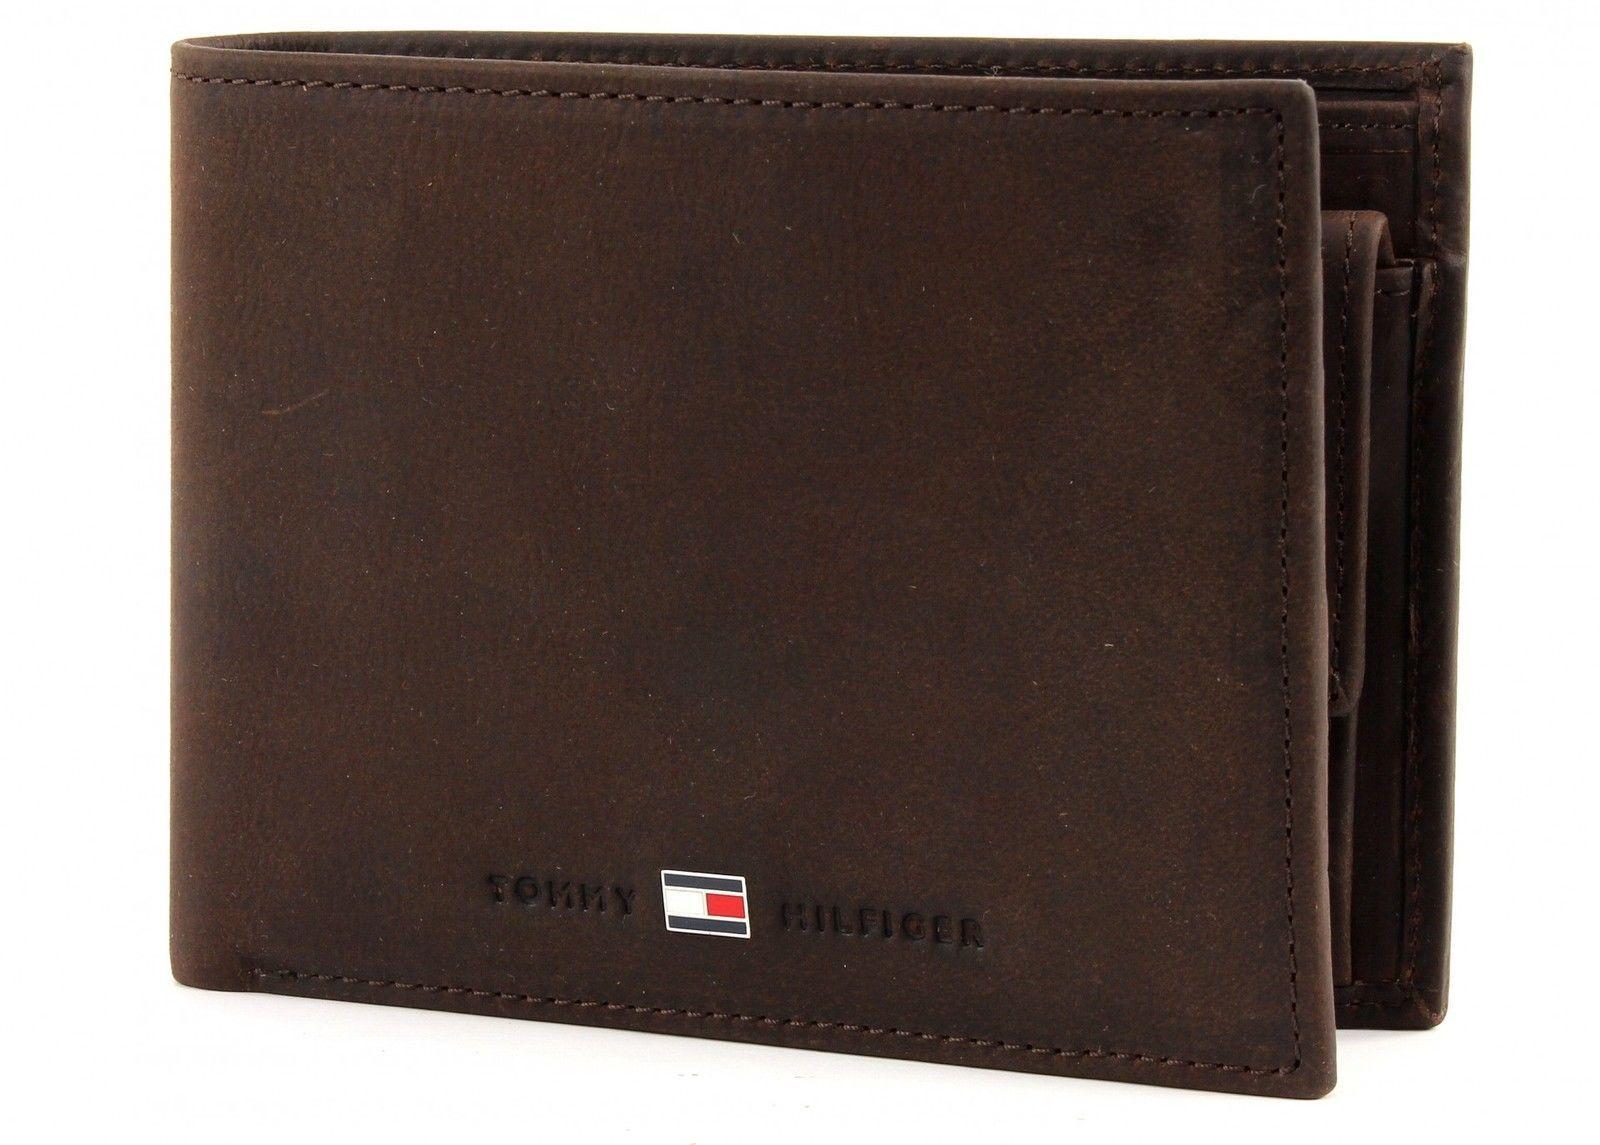 tommy hilfiger wallet credit card wallet card holder wallet